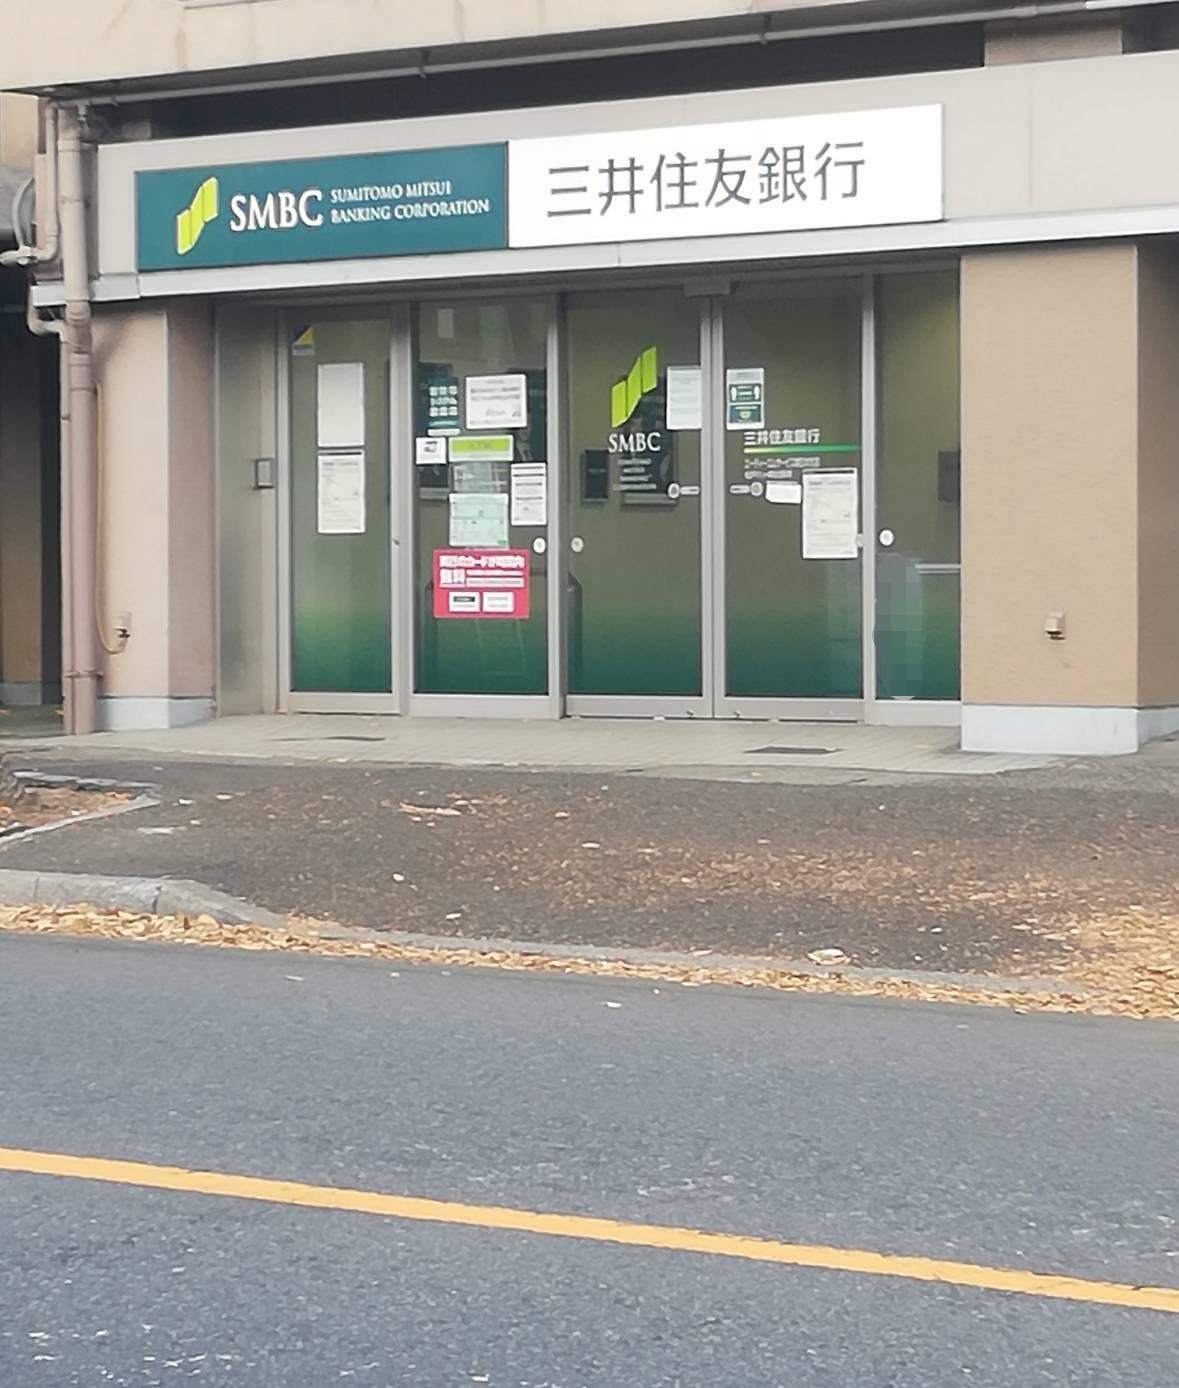 銀行 窓口 住友 三井